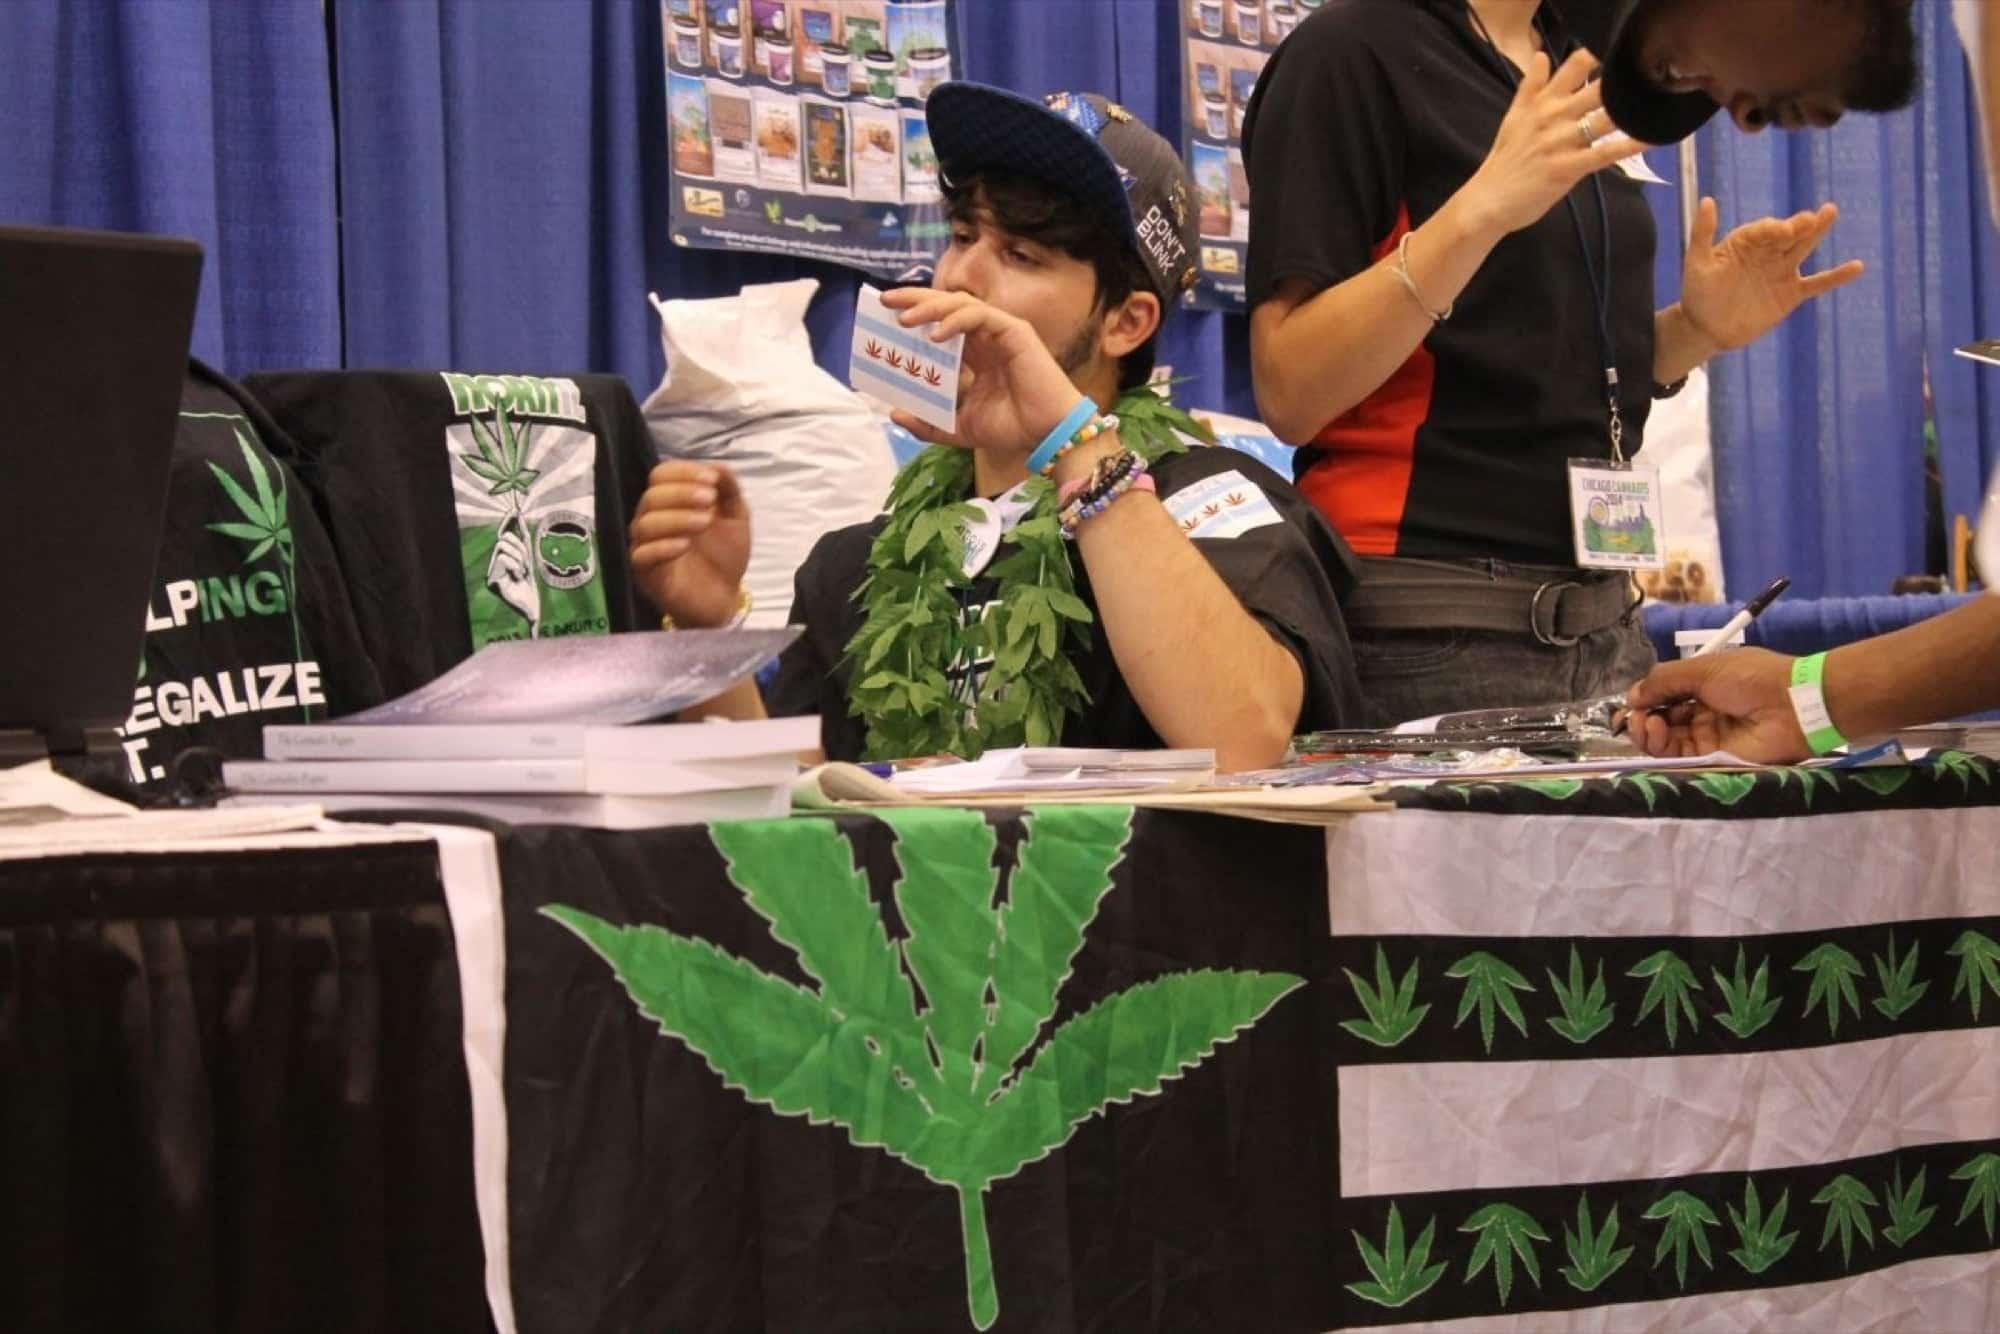 В Европе хотят легализовать марихуану: суть законопроекта в Люксенбурге